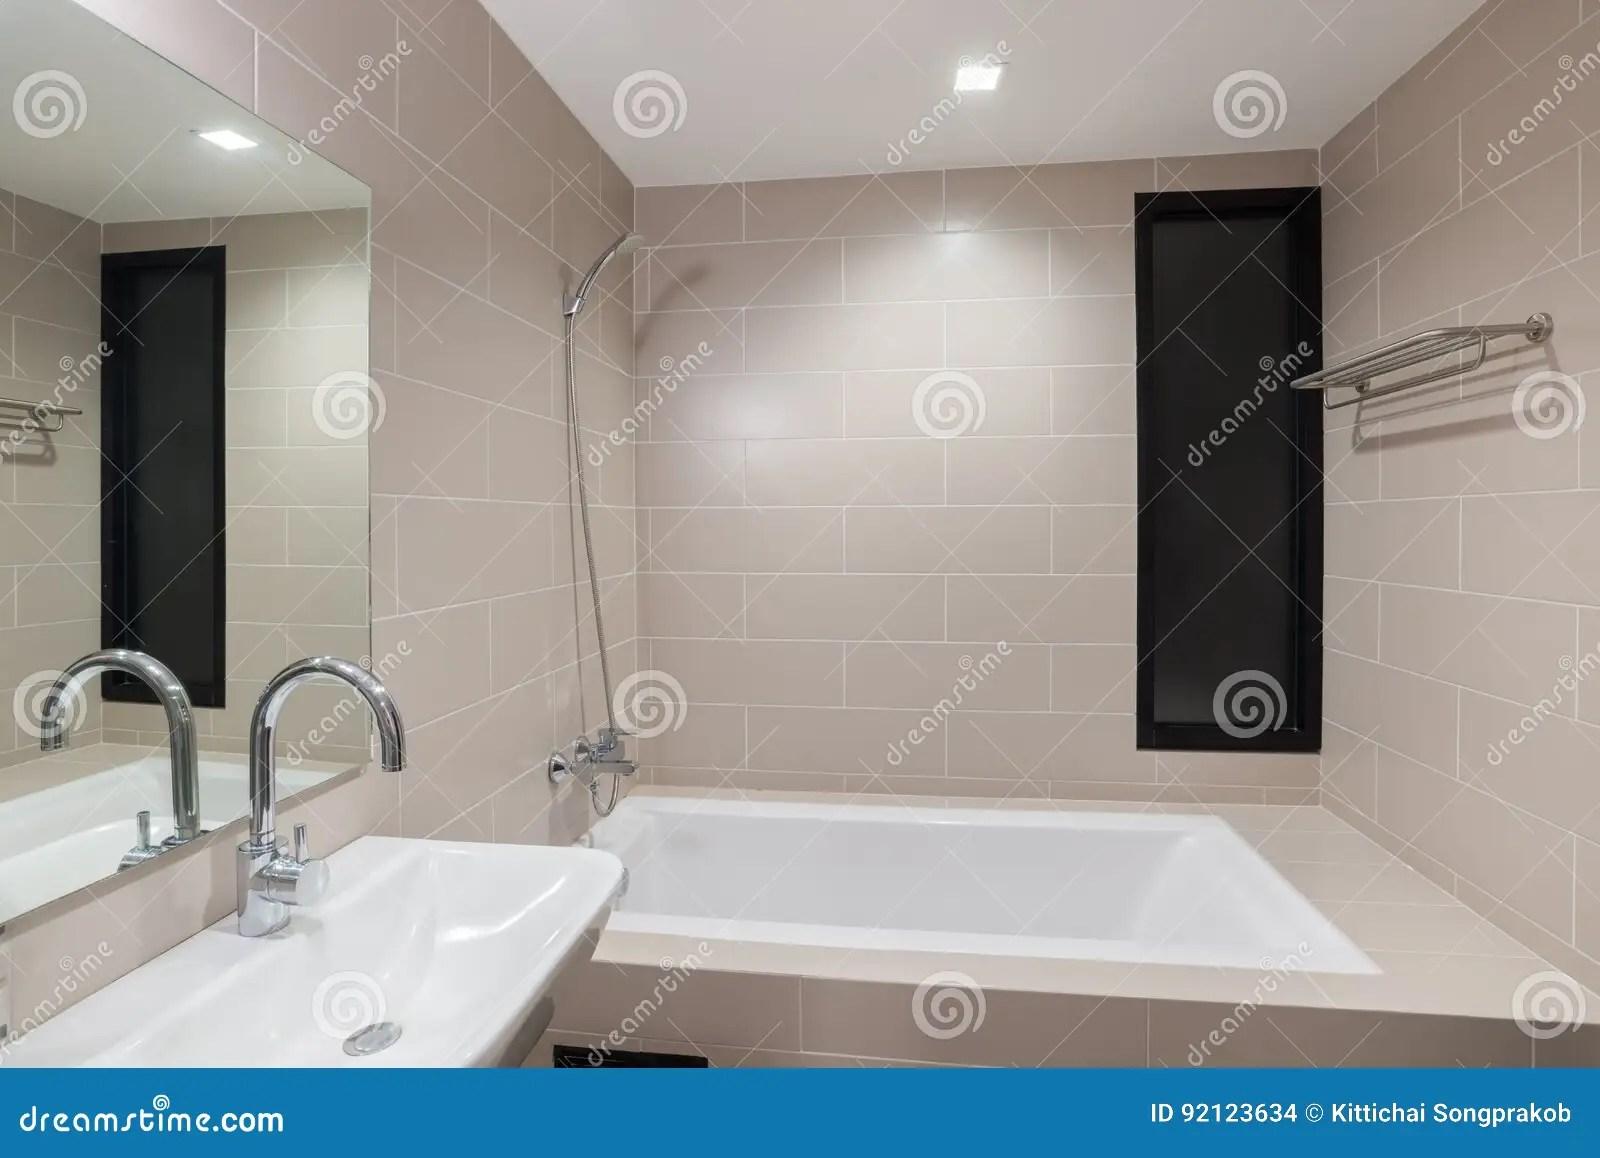 Bagni Moderni Con Doccia : Piastrelle ad onda piatti doccia a filo per un bagno trendy cose